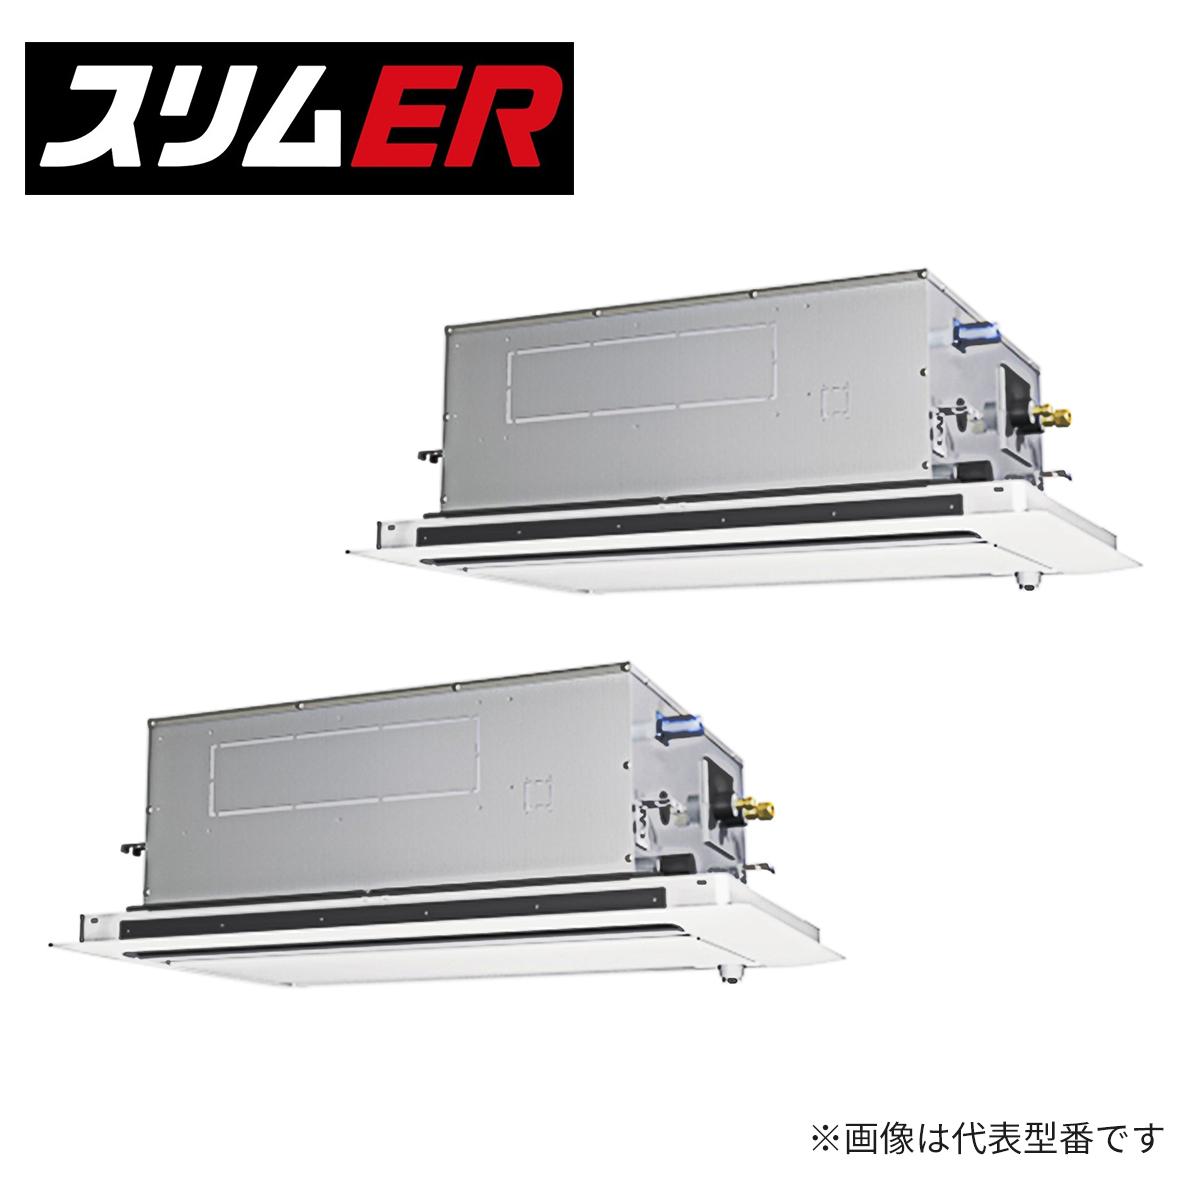 ###三菱 業務用エアコン【PLZX-ERP280LR】スリムER 2方向天井カセット形 同時ツイン 三相200V 10馬力